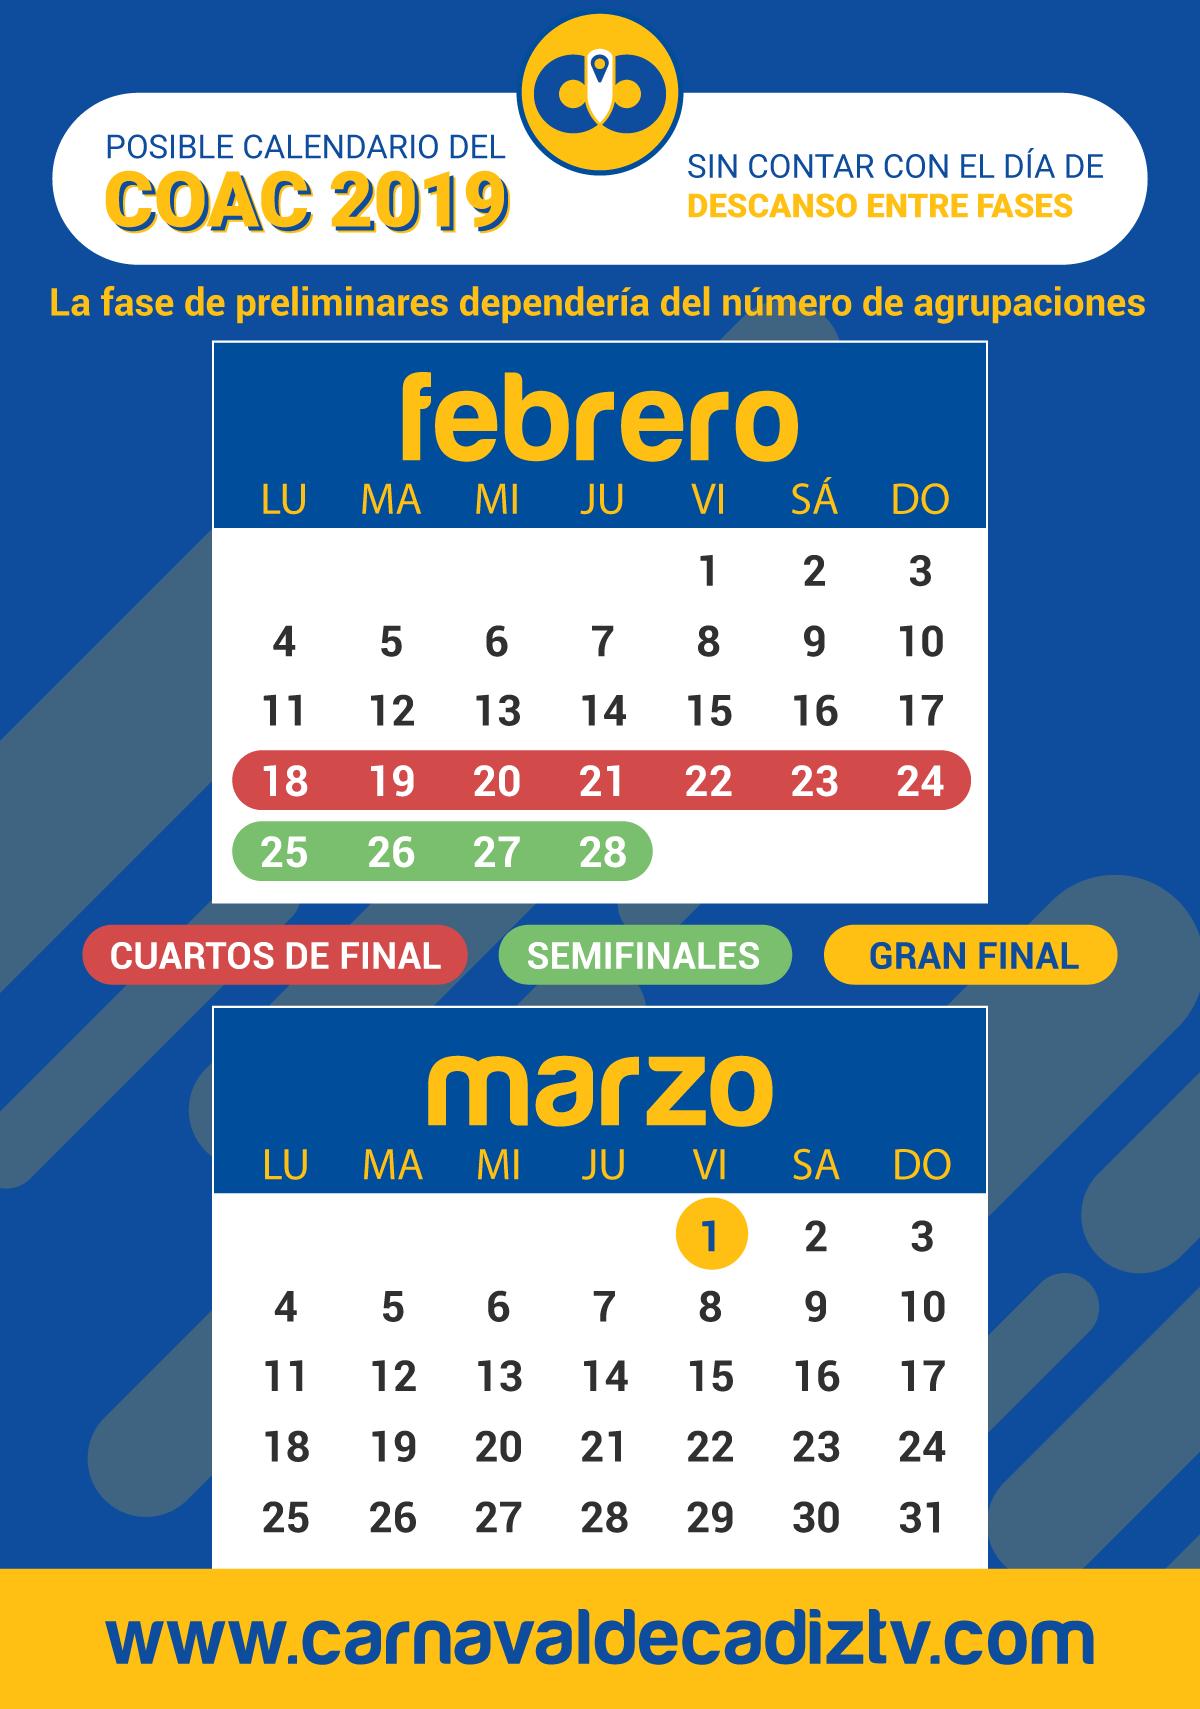 calendario coac 2019